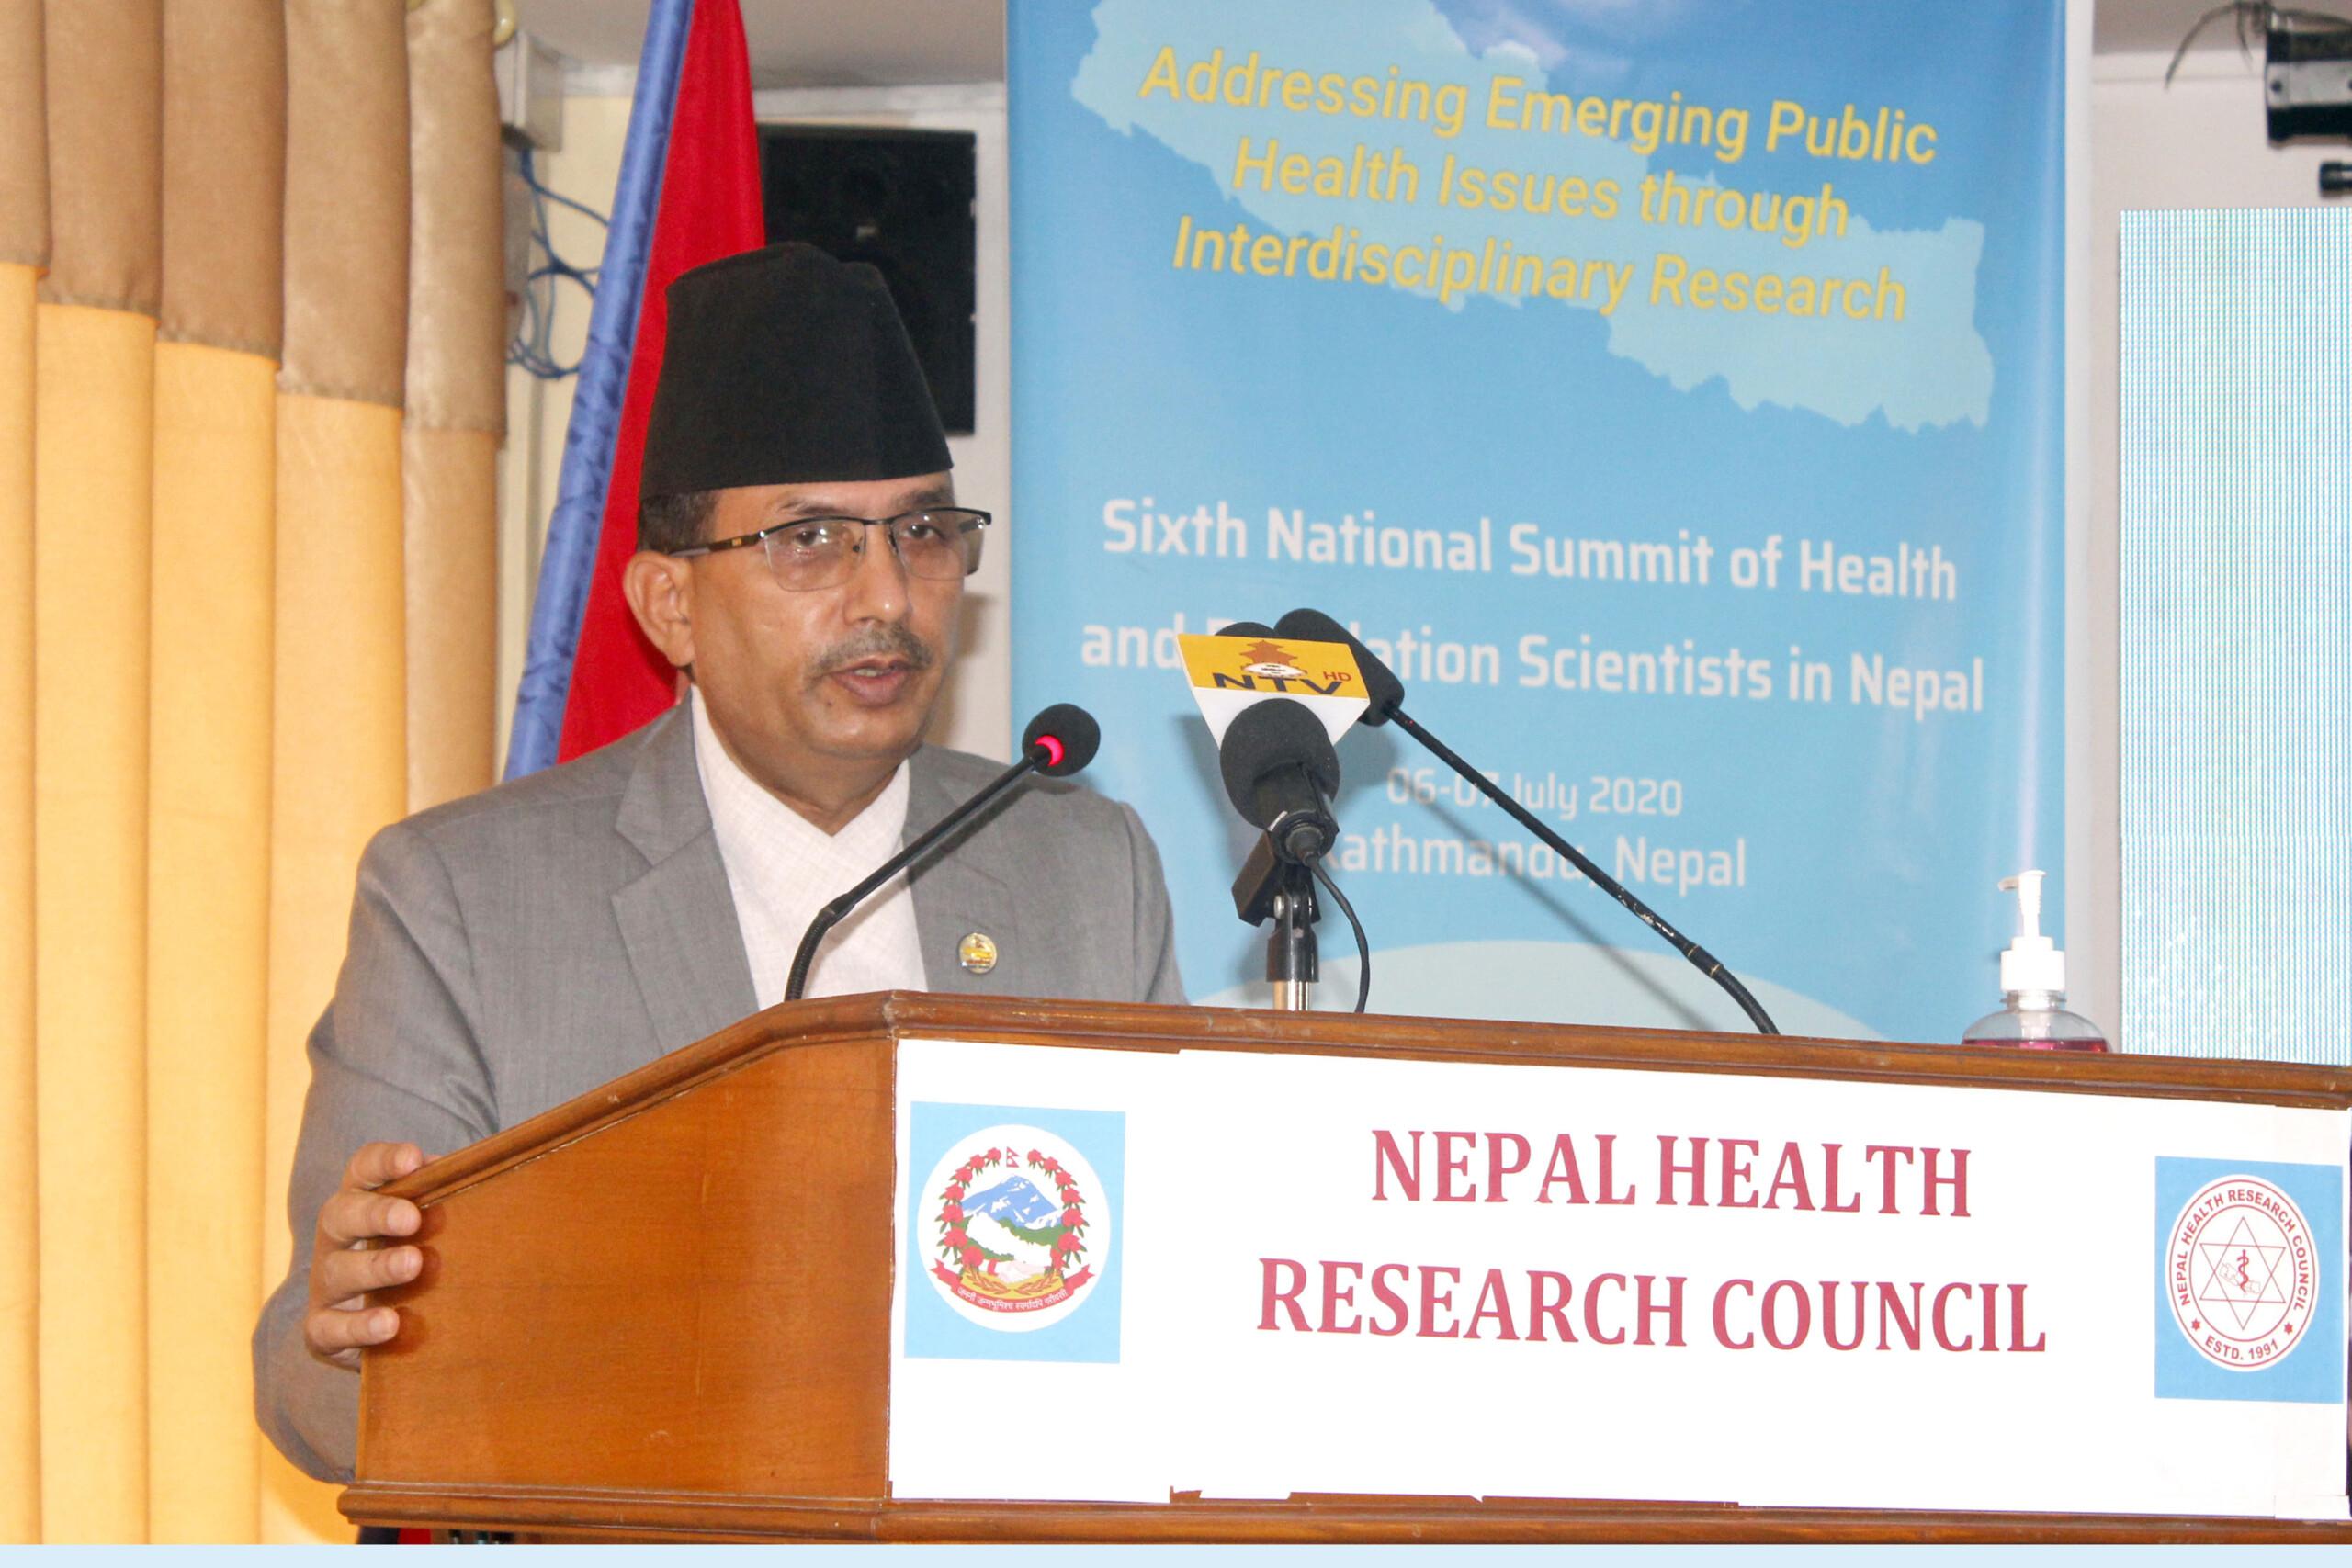 स्वास्थ्य सेवामा समान पहुँच वृद्धिका लागि अनुसन्धान आवश्यक - मन्त्री ढकाल